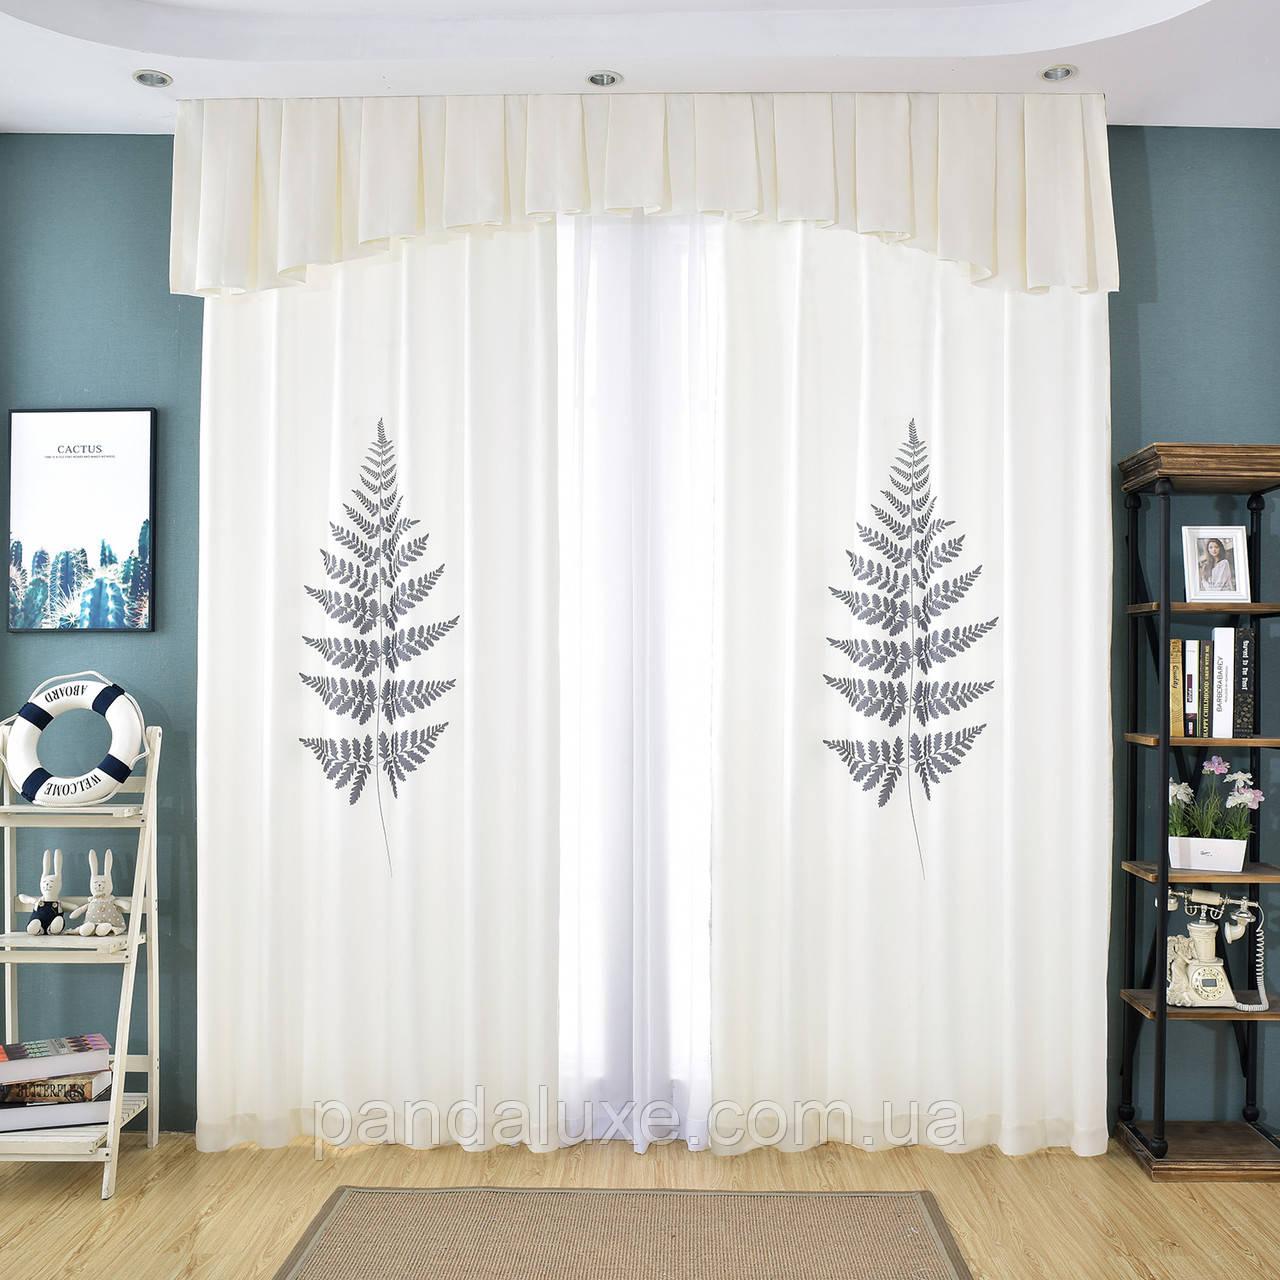 Красиві штори віконні сонцезахисні на тасьмі Папороть 185 х 265 2 шт.